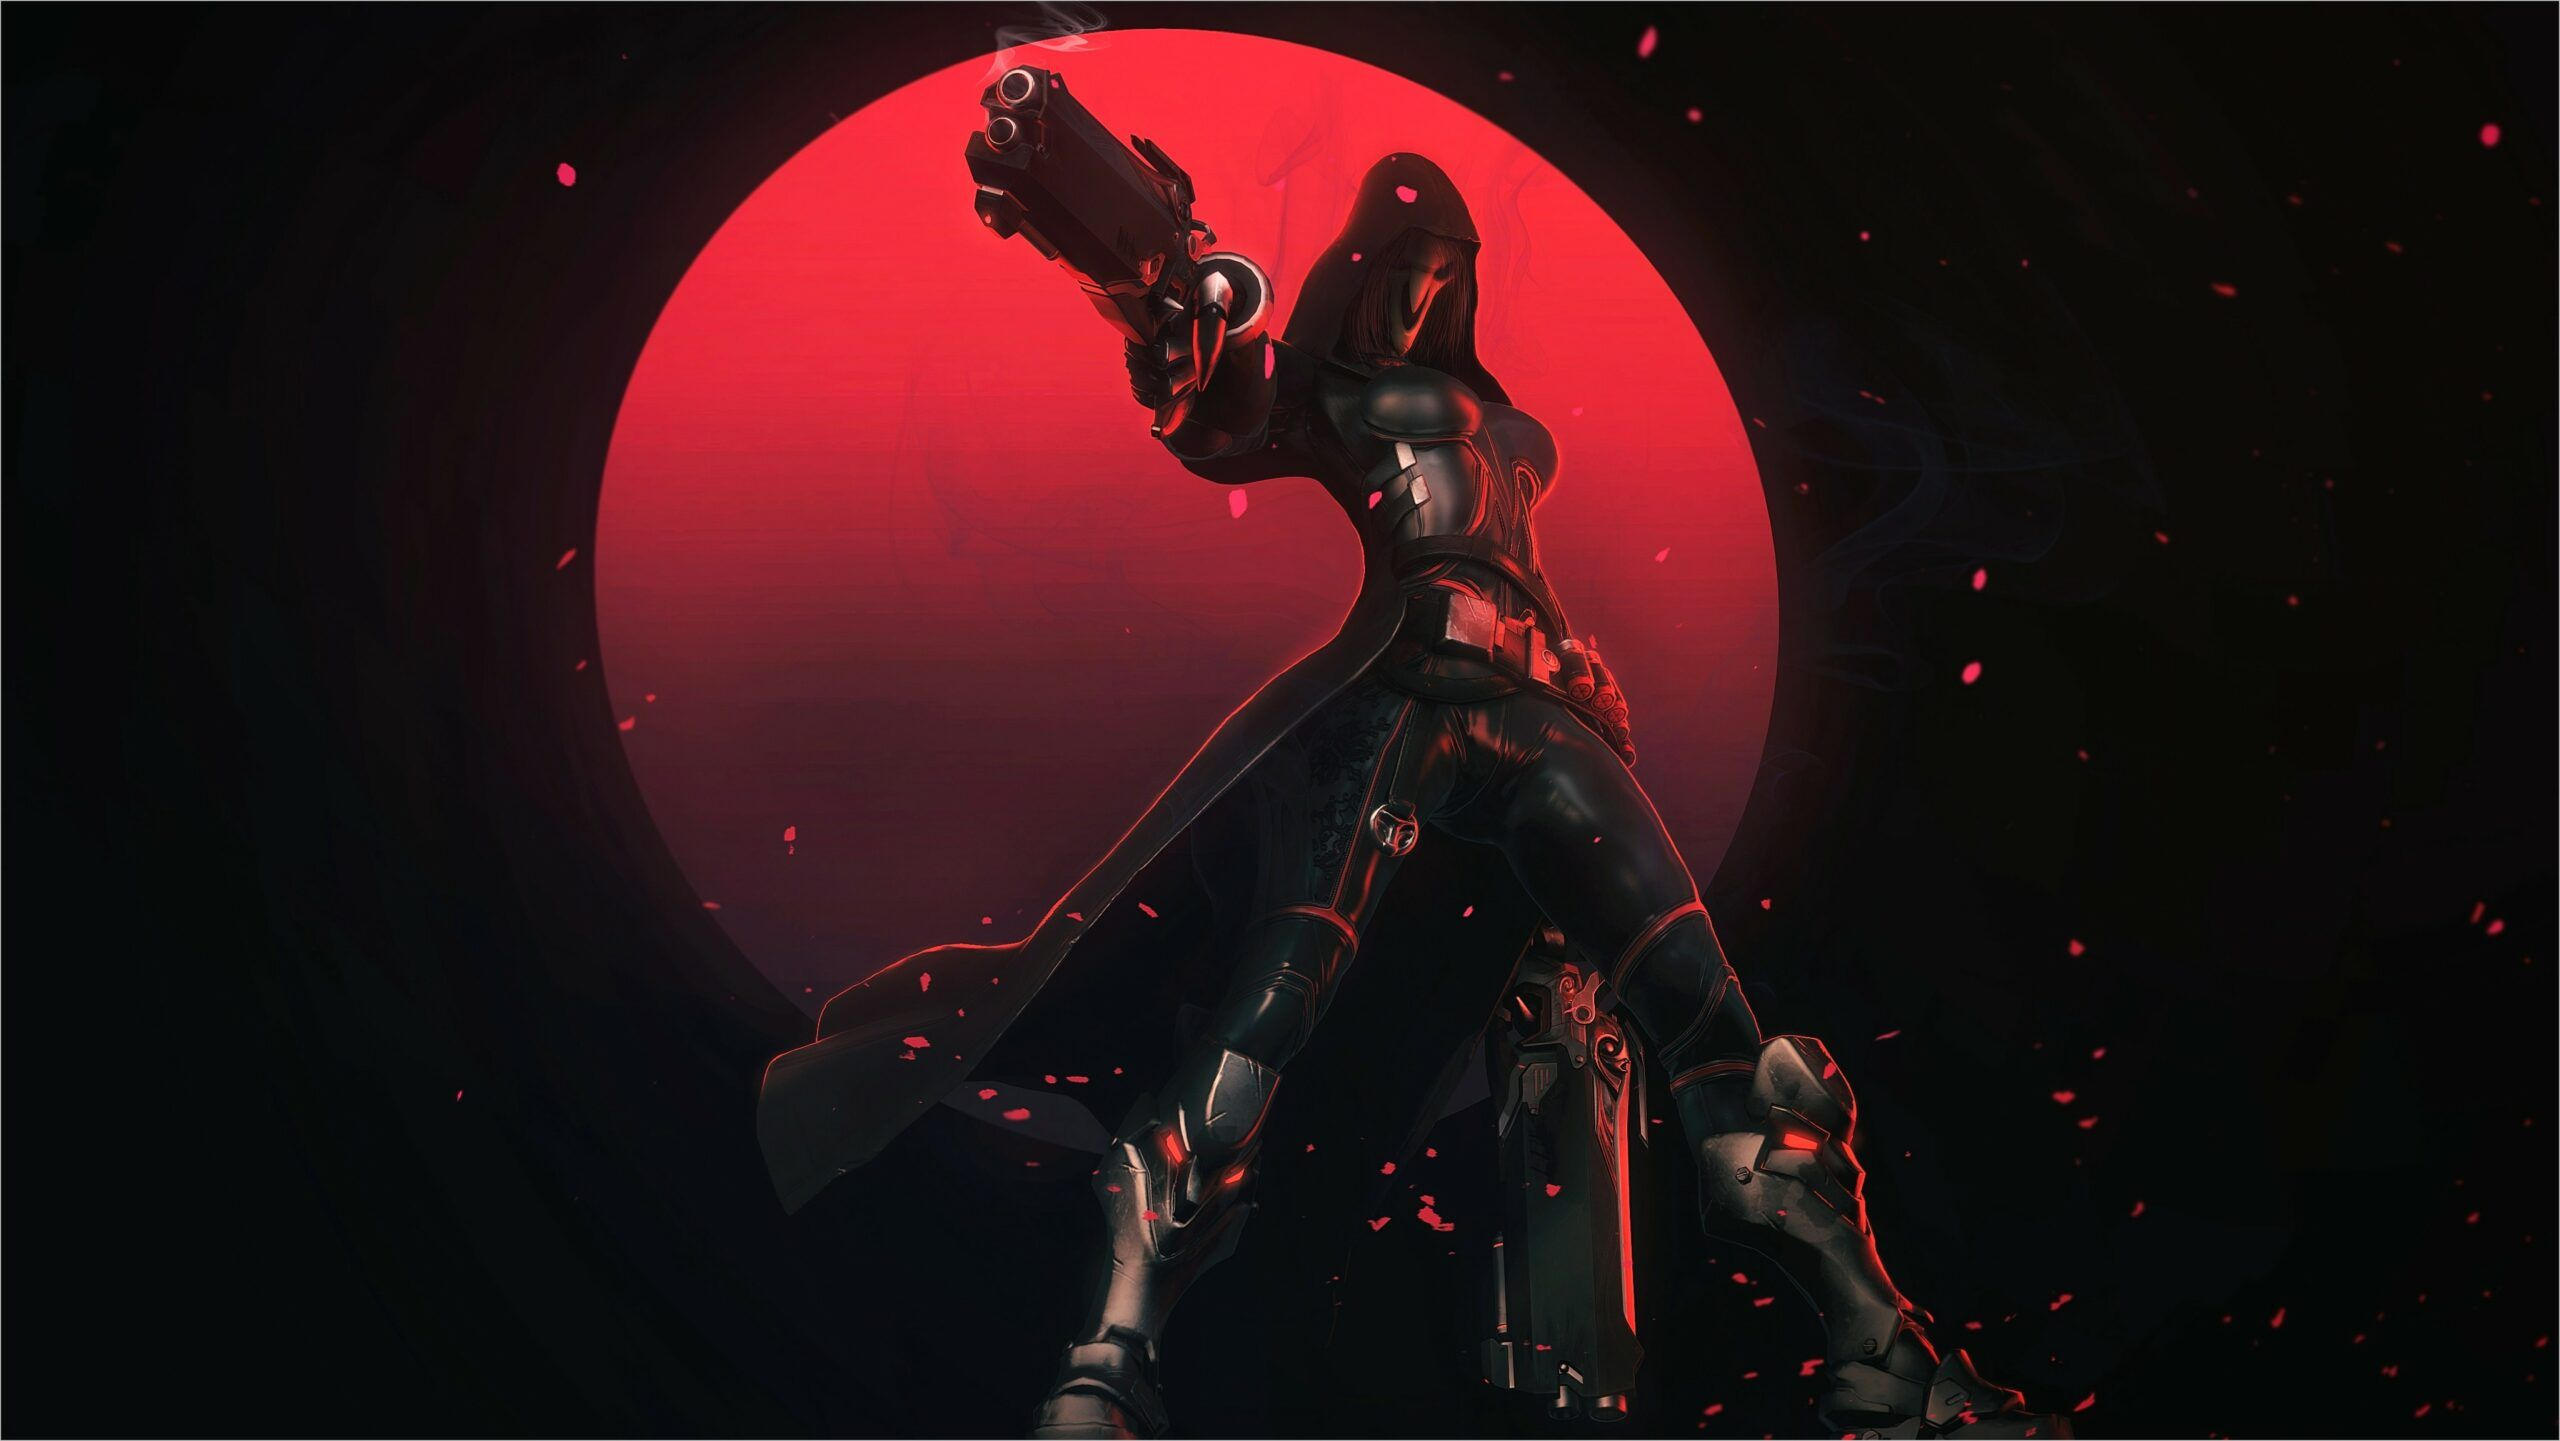 Reaper Overwatch 4k Wallpaper In 2020 Overwatch Wallpapers Overwatch Digital Overwatch